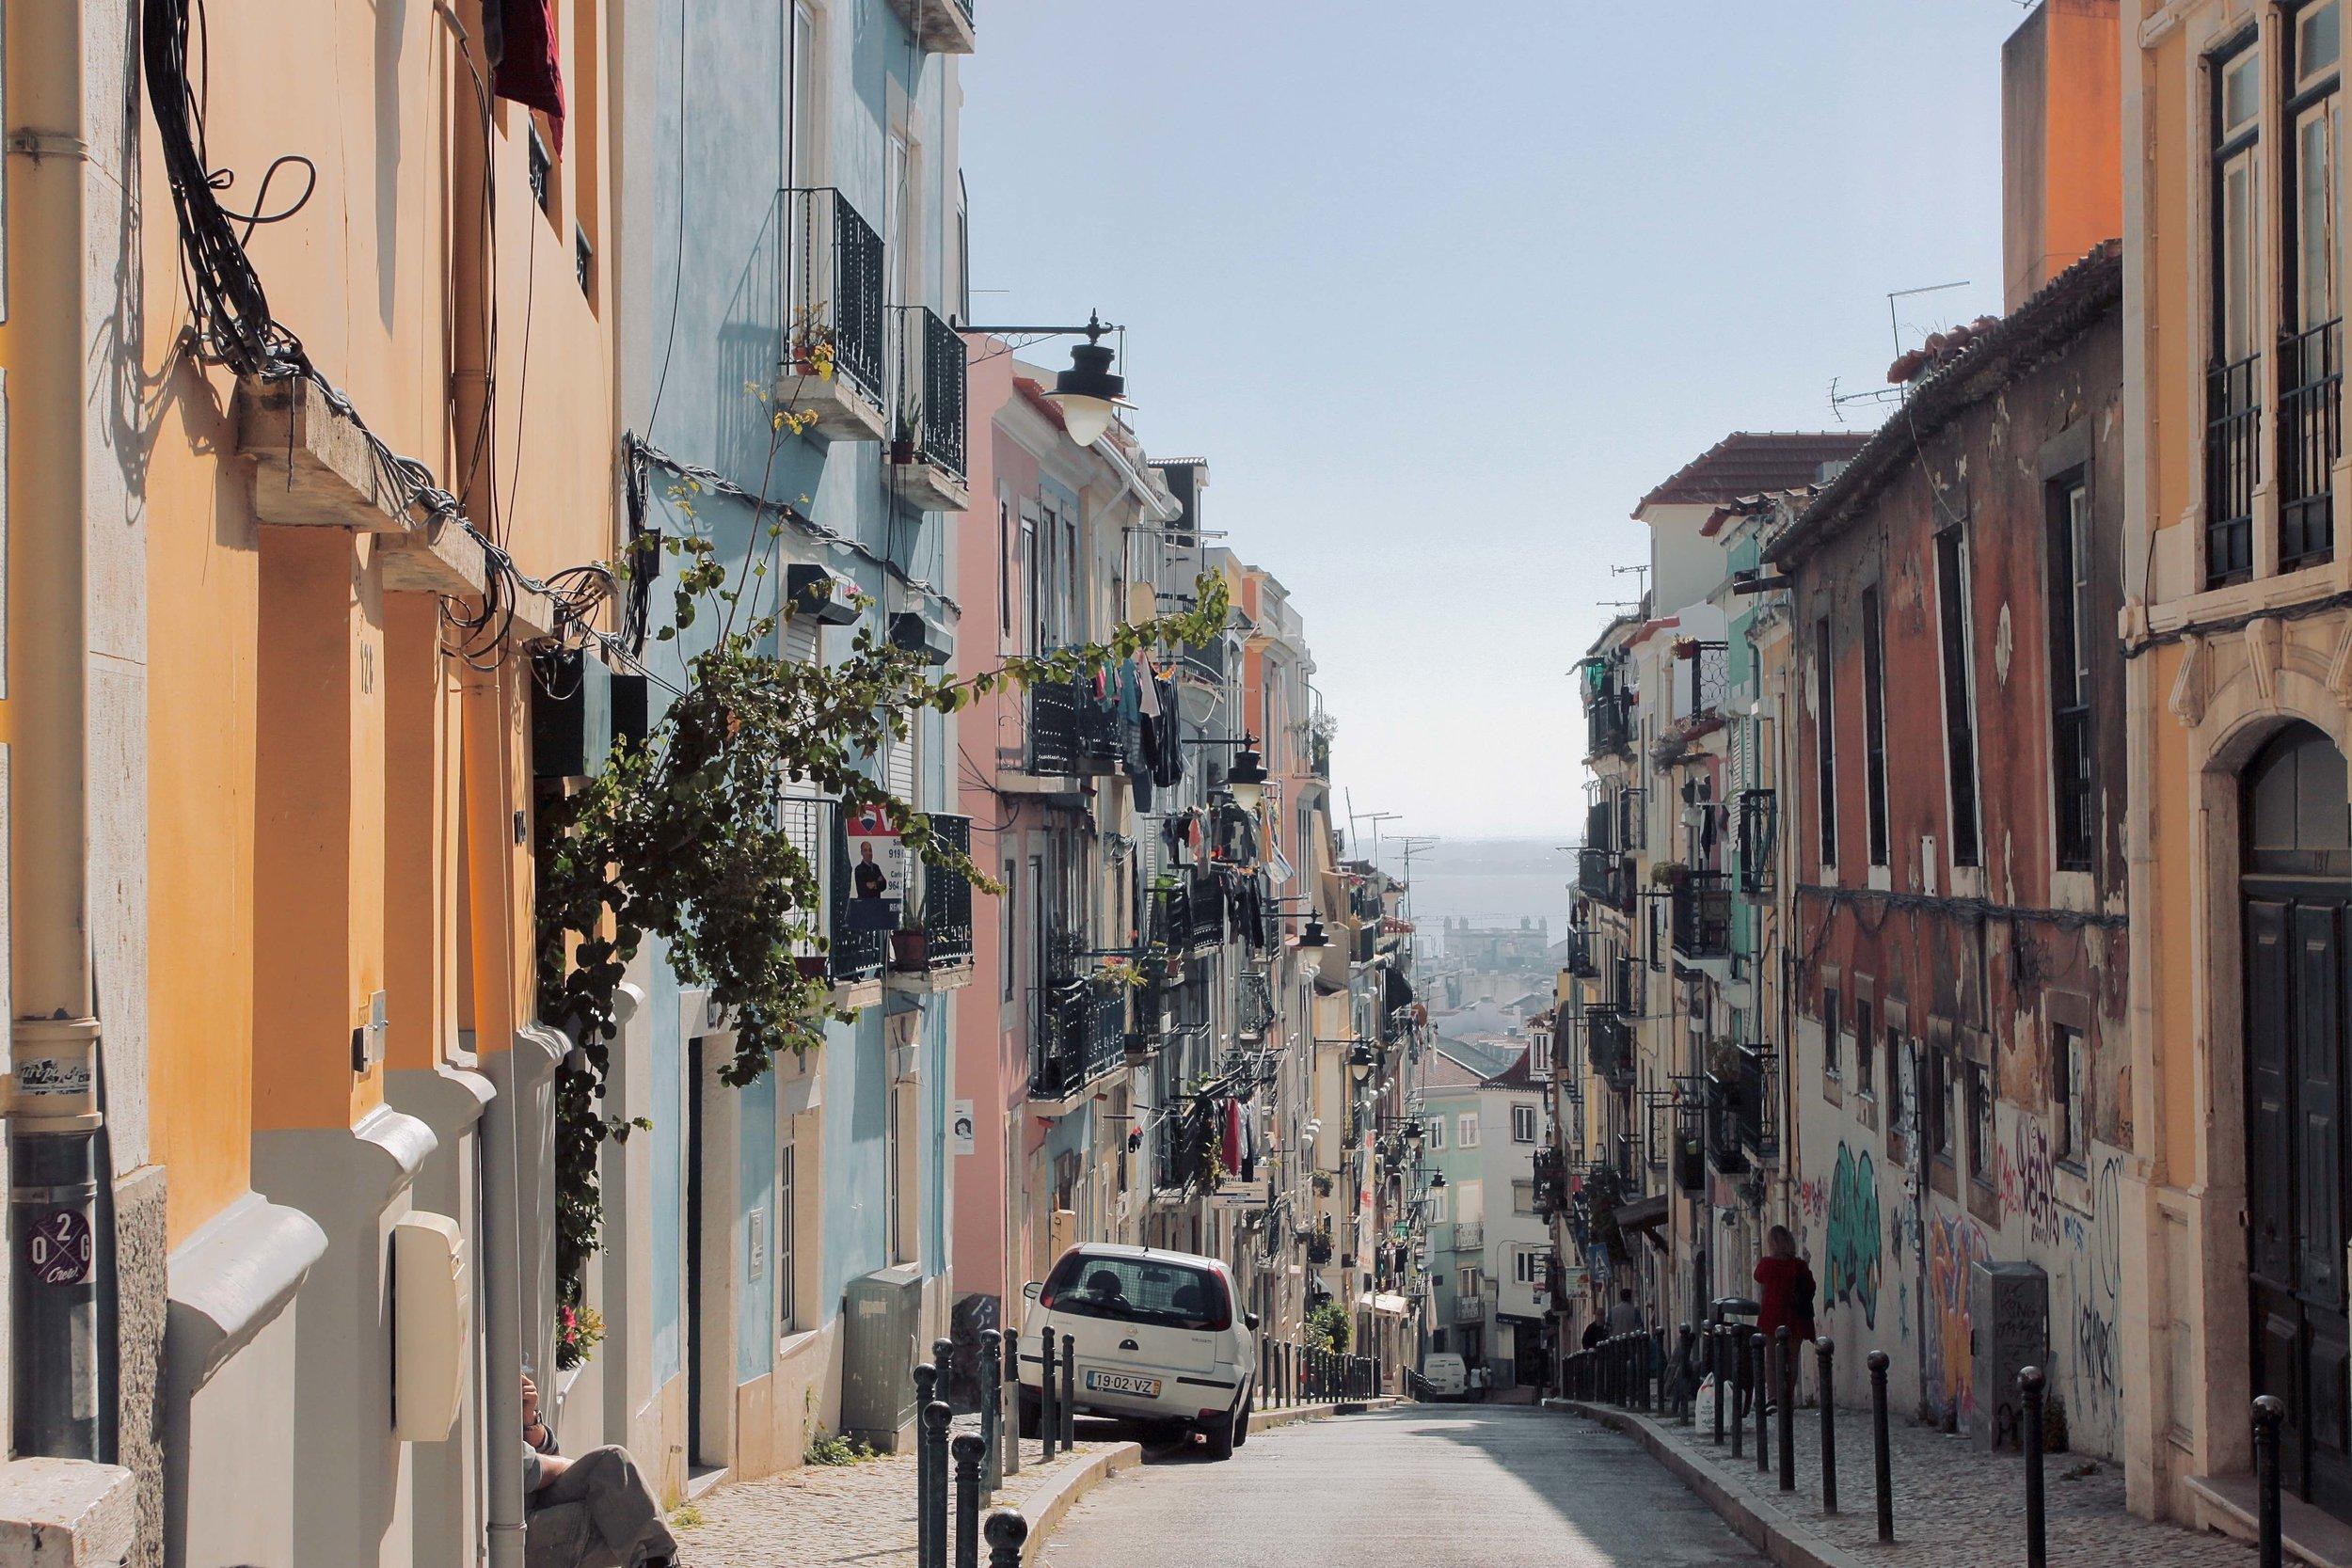 Colourful streets of Bairro Alto